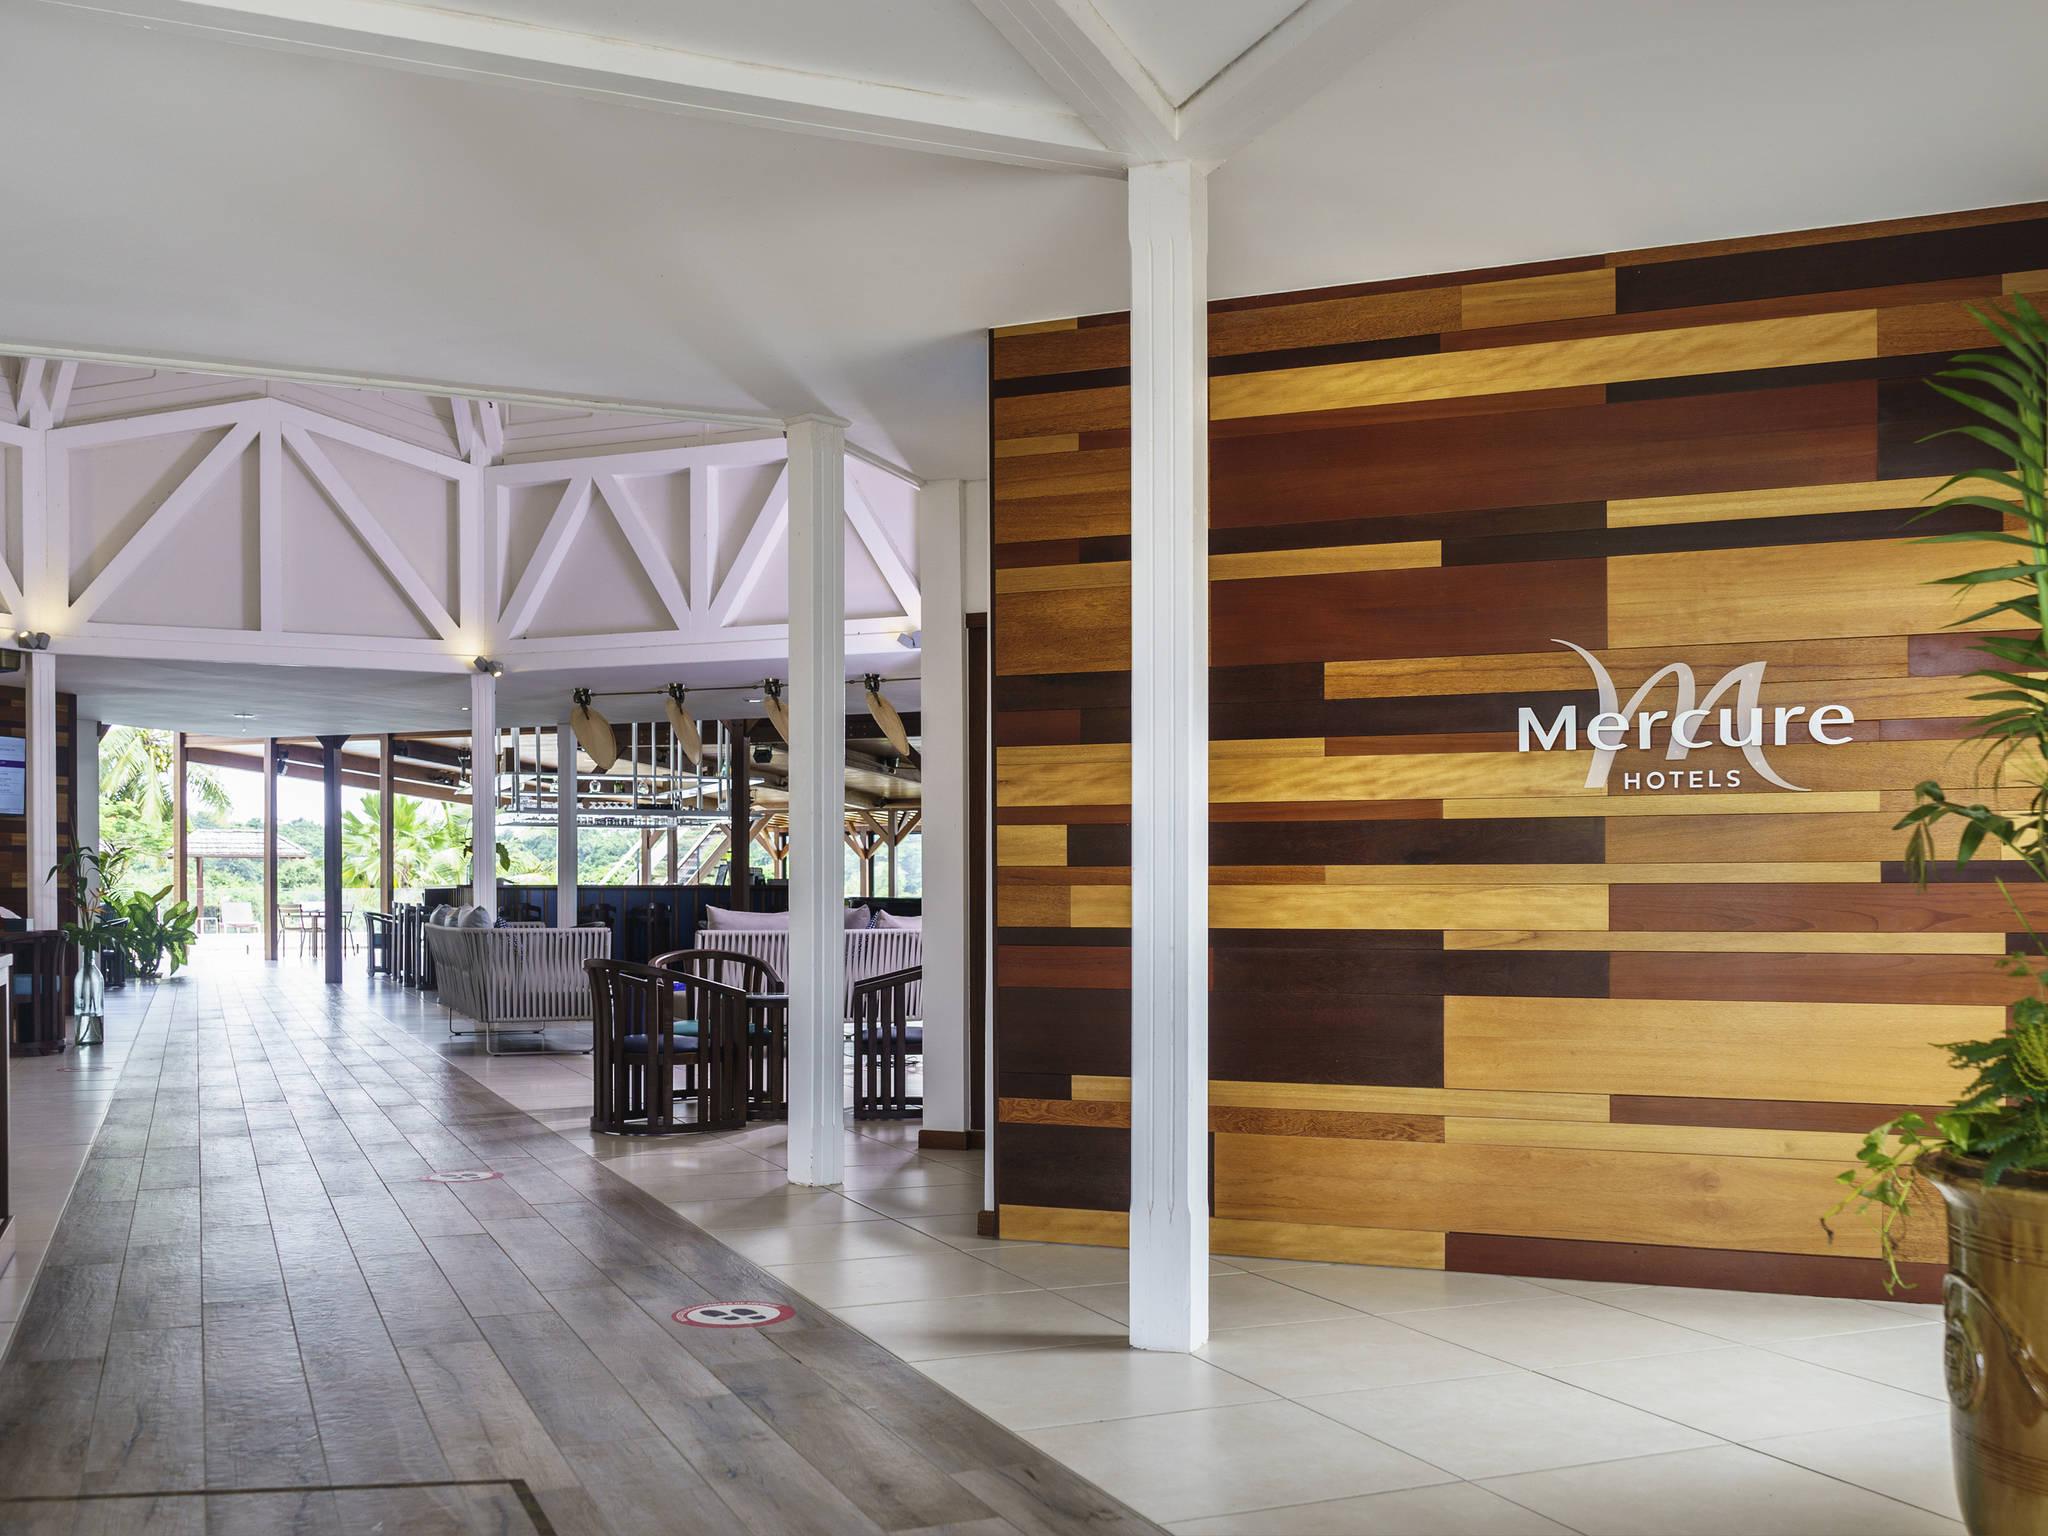 Hotel - Mercure Kourou Ariatel hotel